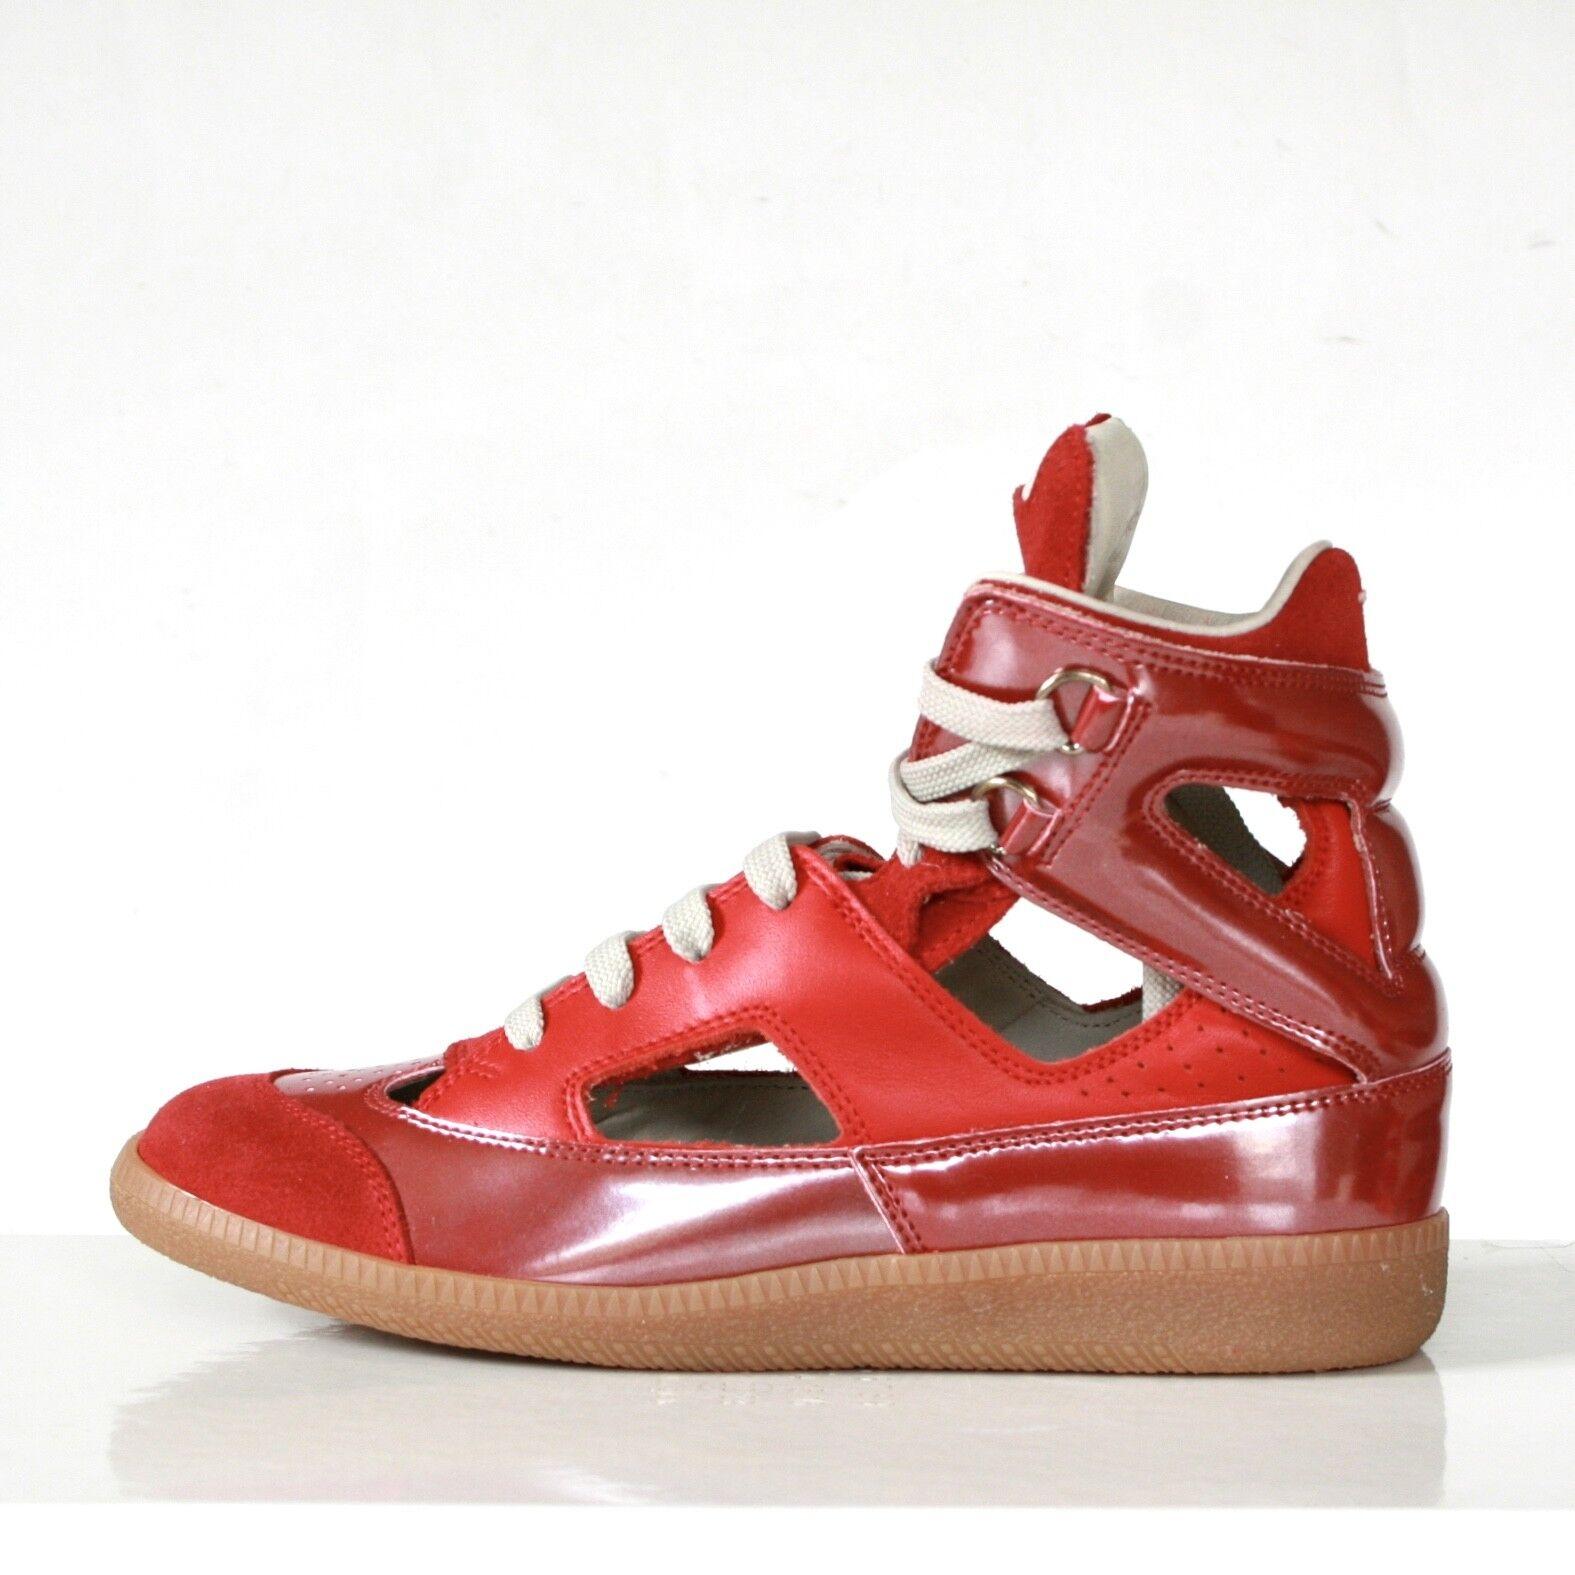 Maison Martin Margiela Rojo Rojo Rojo Cuero Recorte Zapatillas Zapatos Zapatillas Hi Top 35 Nuevo  ahorrar en el despacho